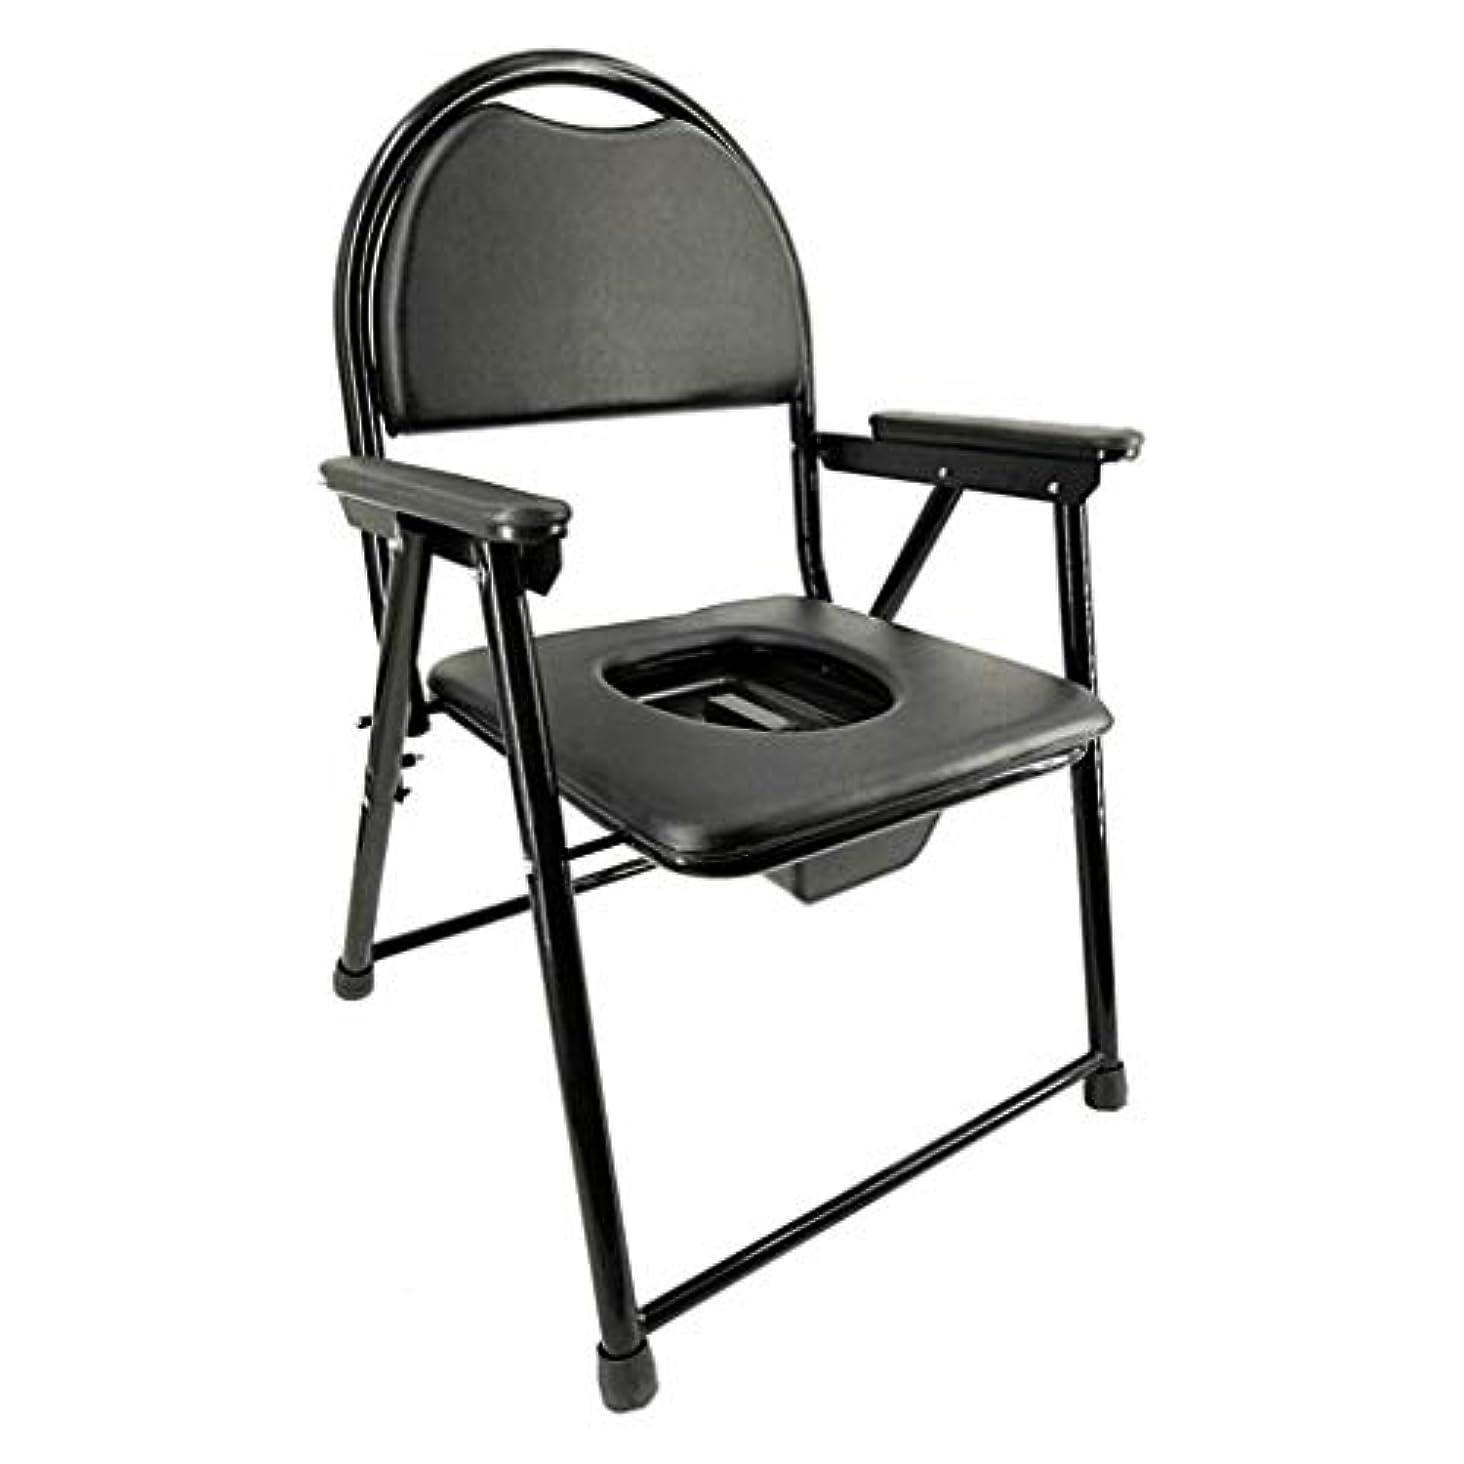 特徴奨励します土器便器の椅子、寝室のトイレ、鋼管便器の椅子のシャワートイレ輸送の椅子高齢者に適した安全フレーム